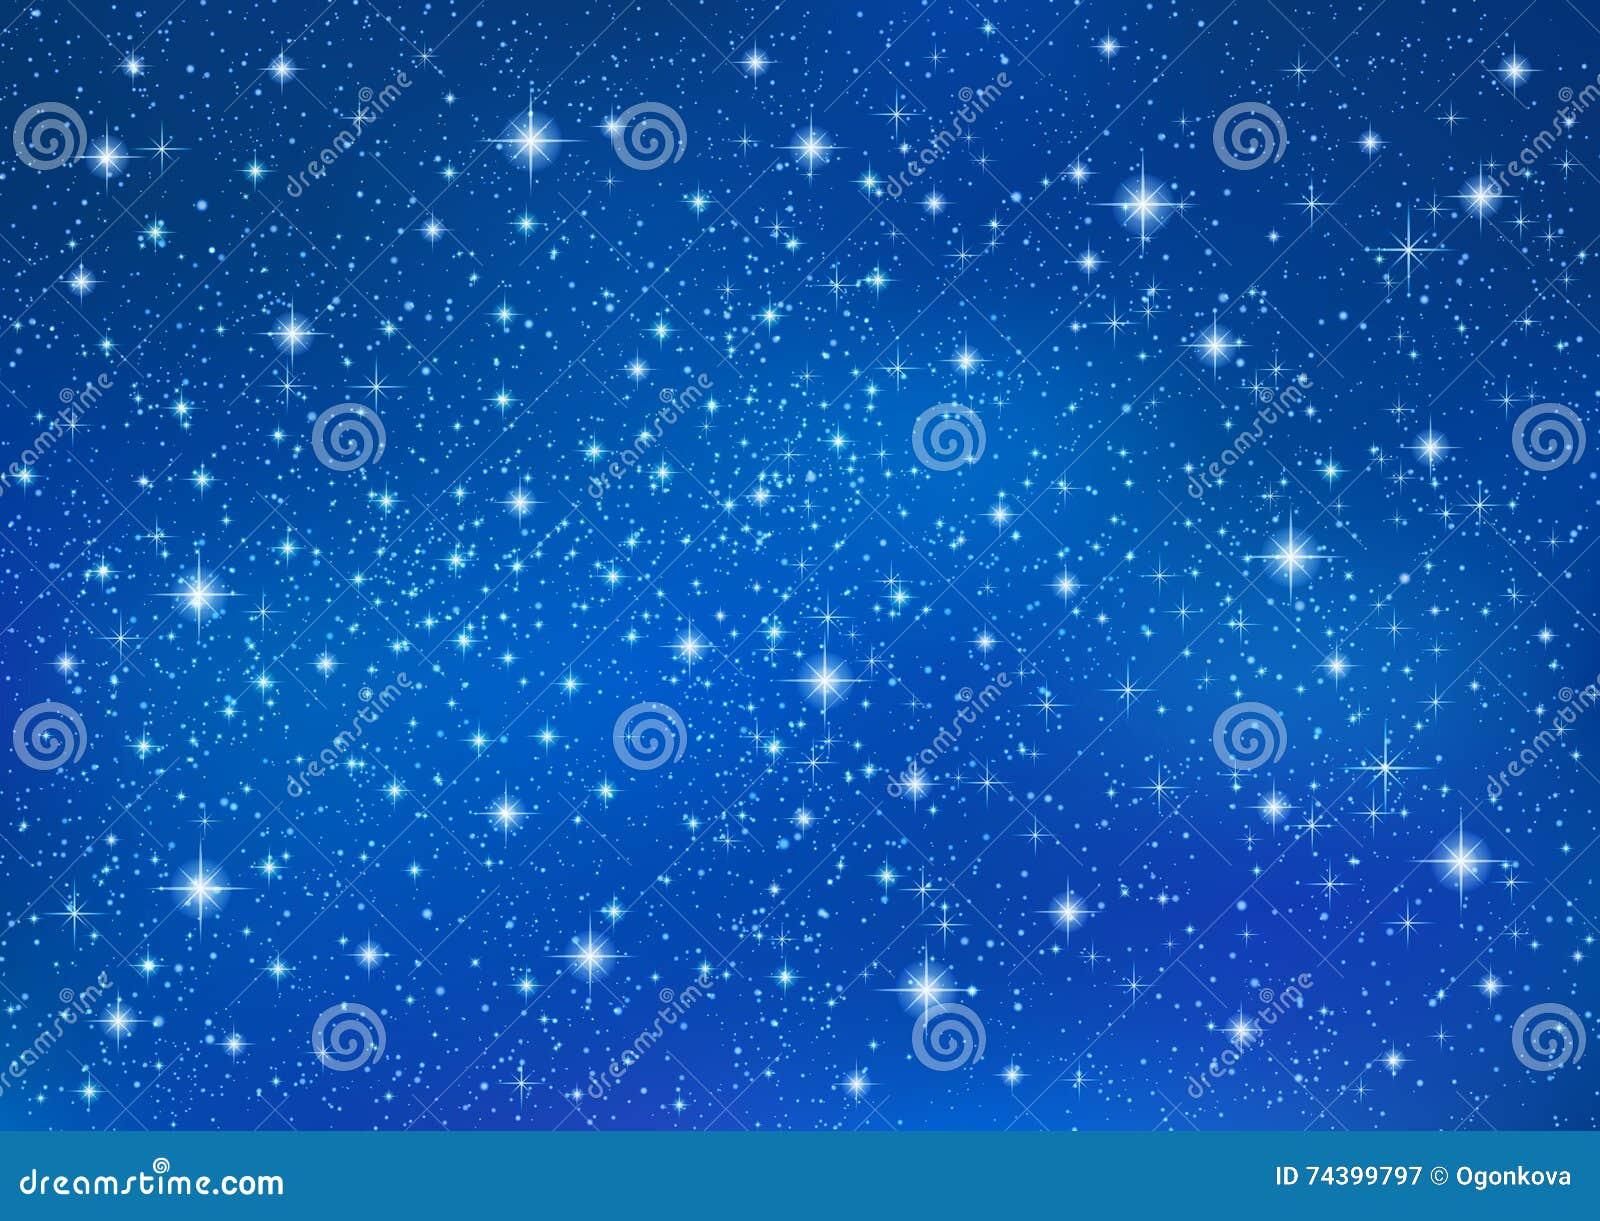 Fondo Azul Abstracto Con Las Estrellas Que Centellean